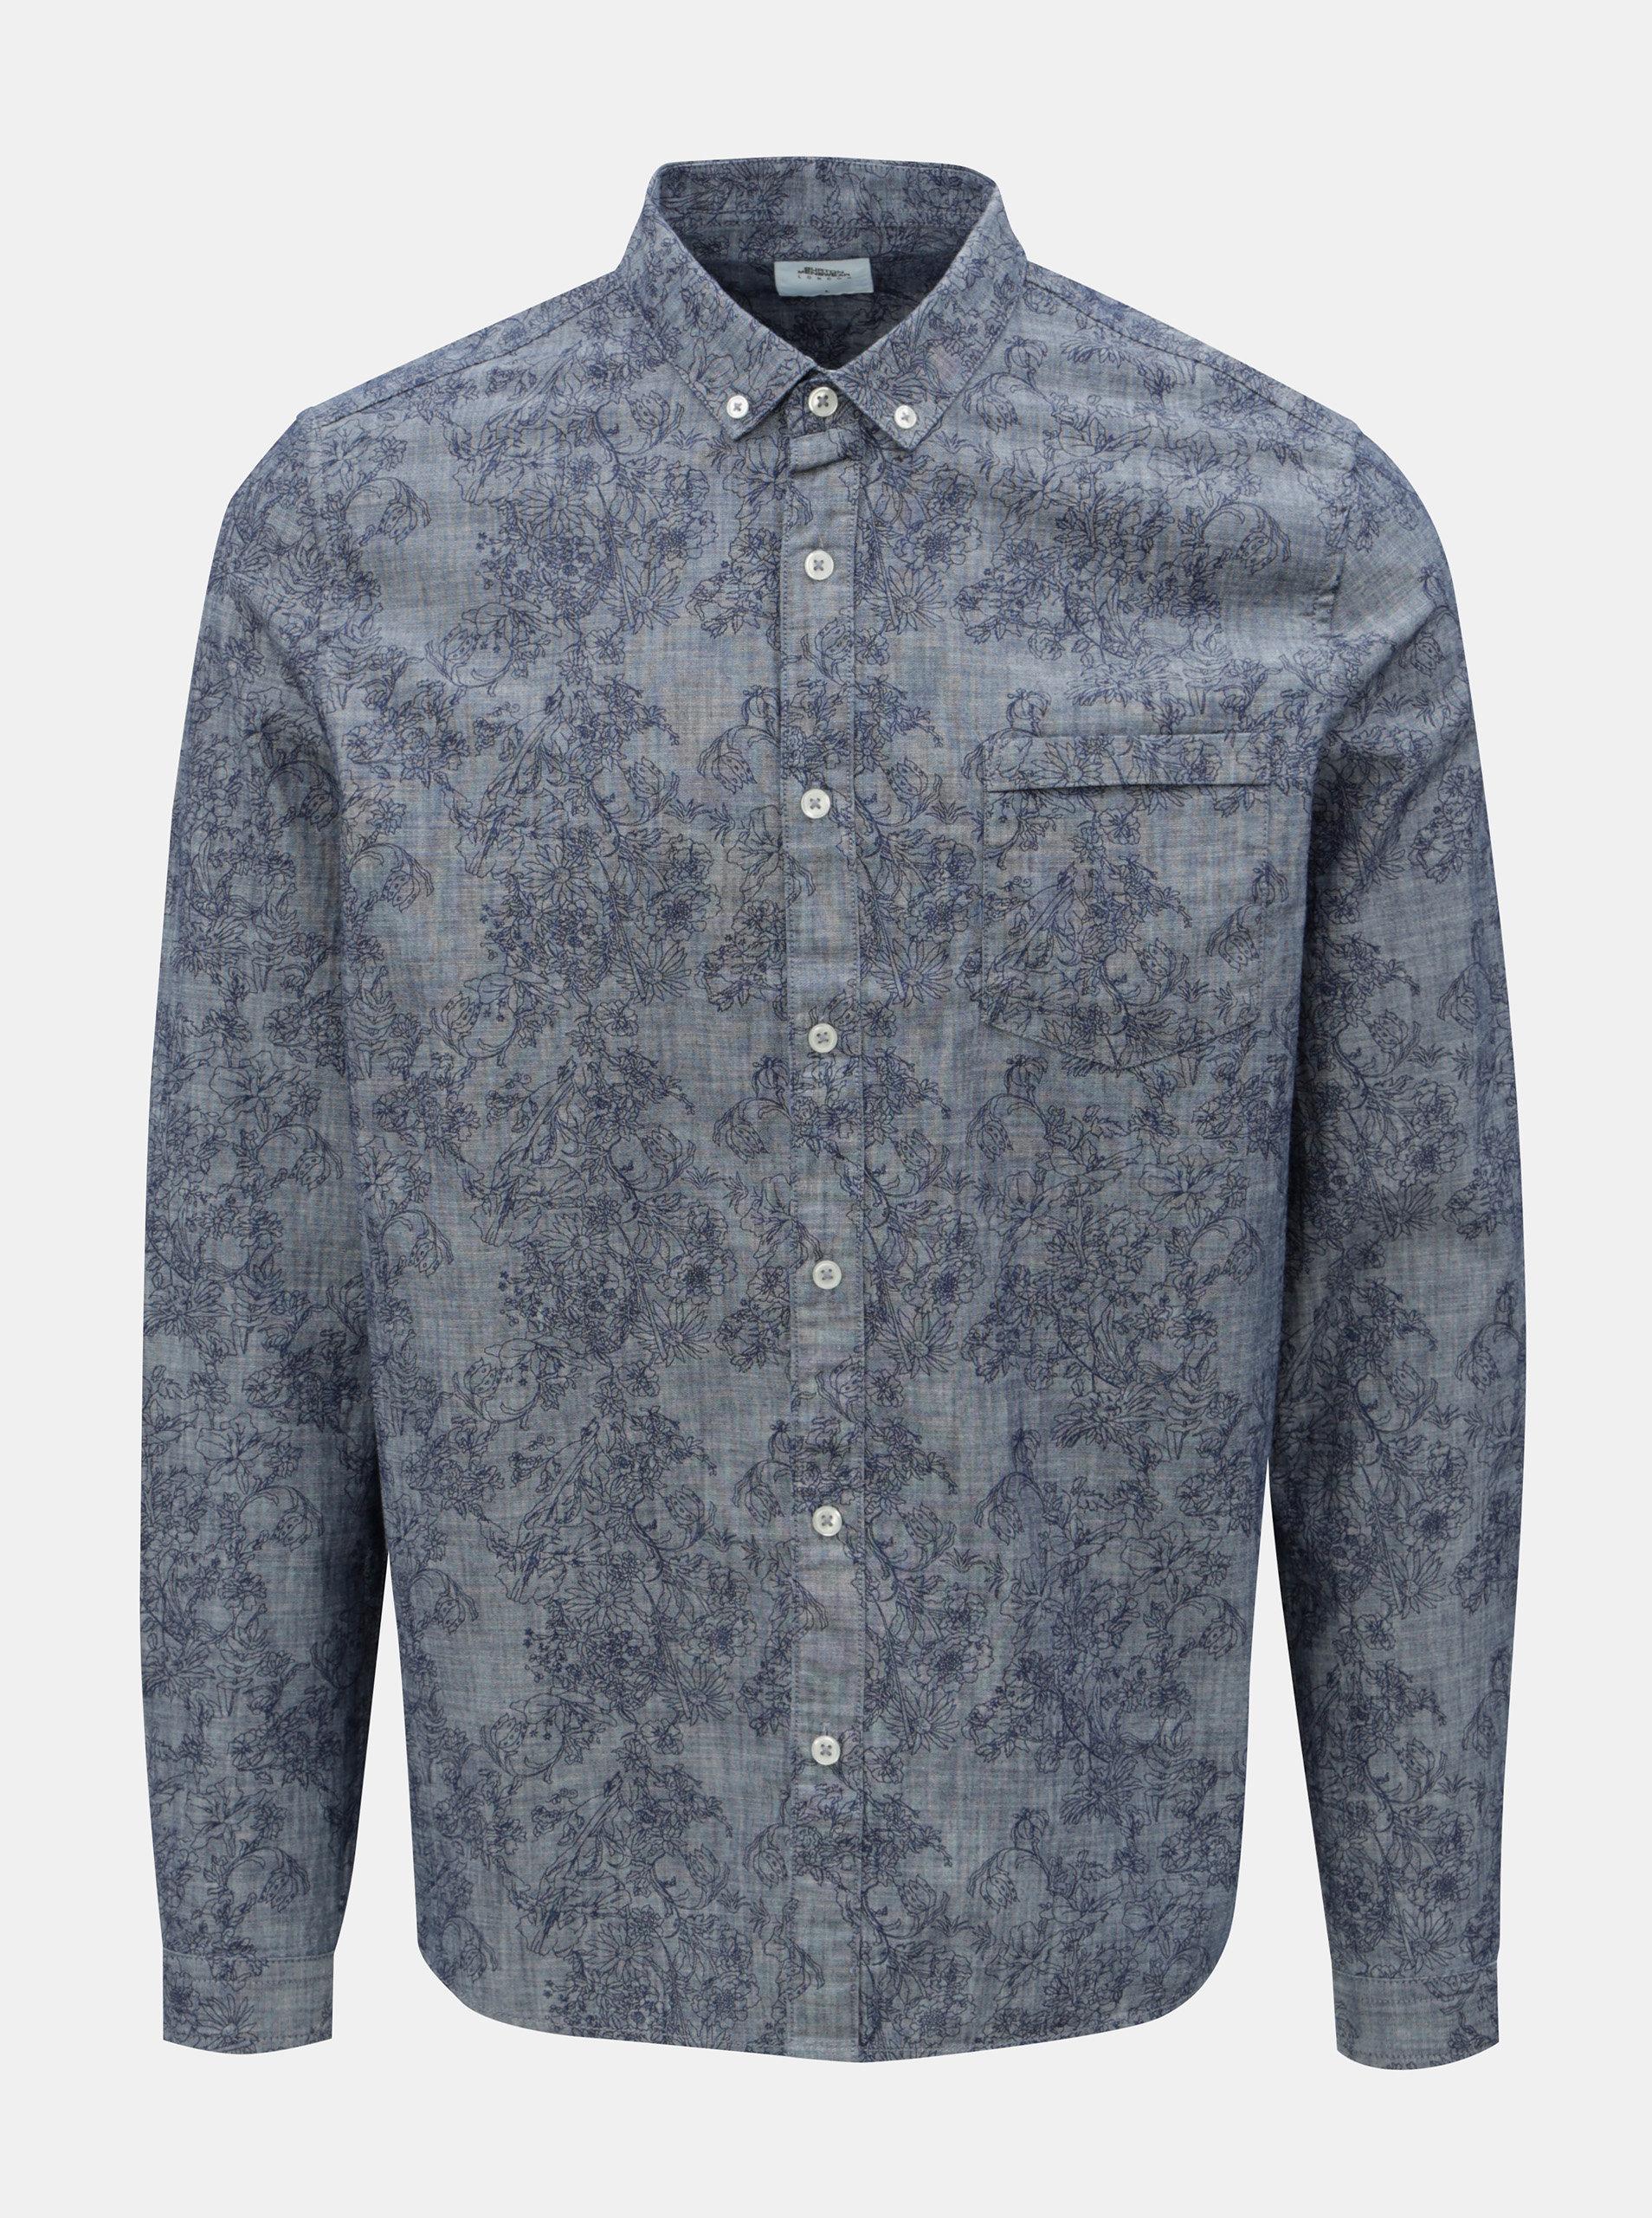 Modrá vzorovaná košile s náprsní kapsou Burton Menswear London